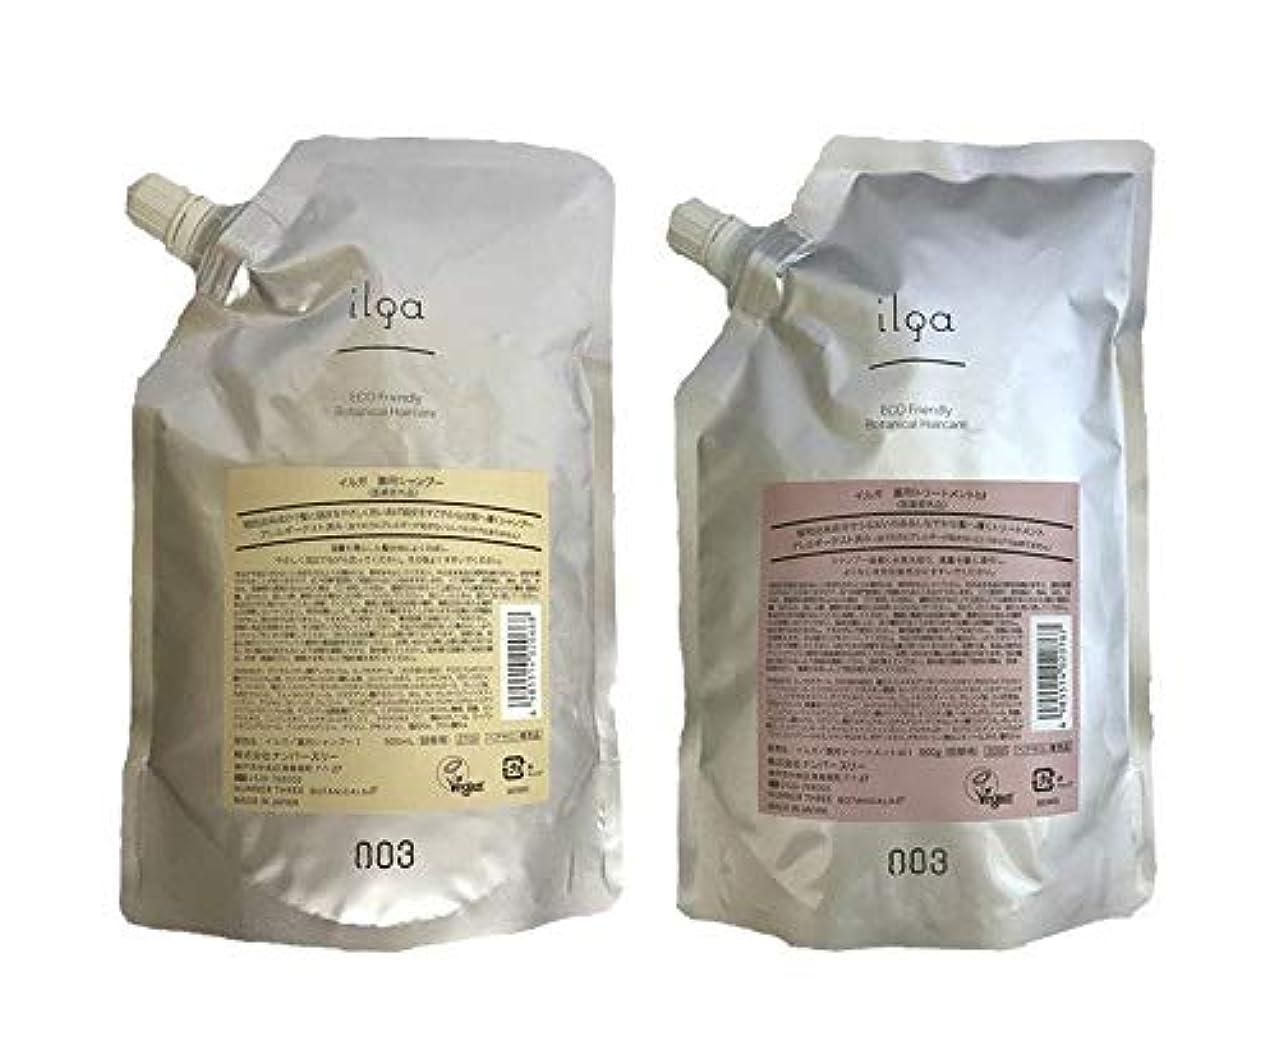 枯渇する過敏な艶ナンバースリー イルガ 薬用シャンプー&トリートメントM セット 500ml 詰替